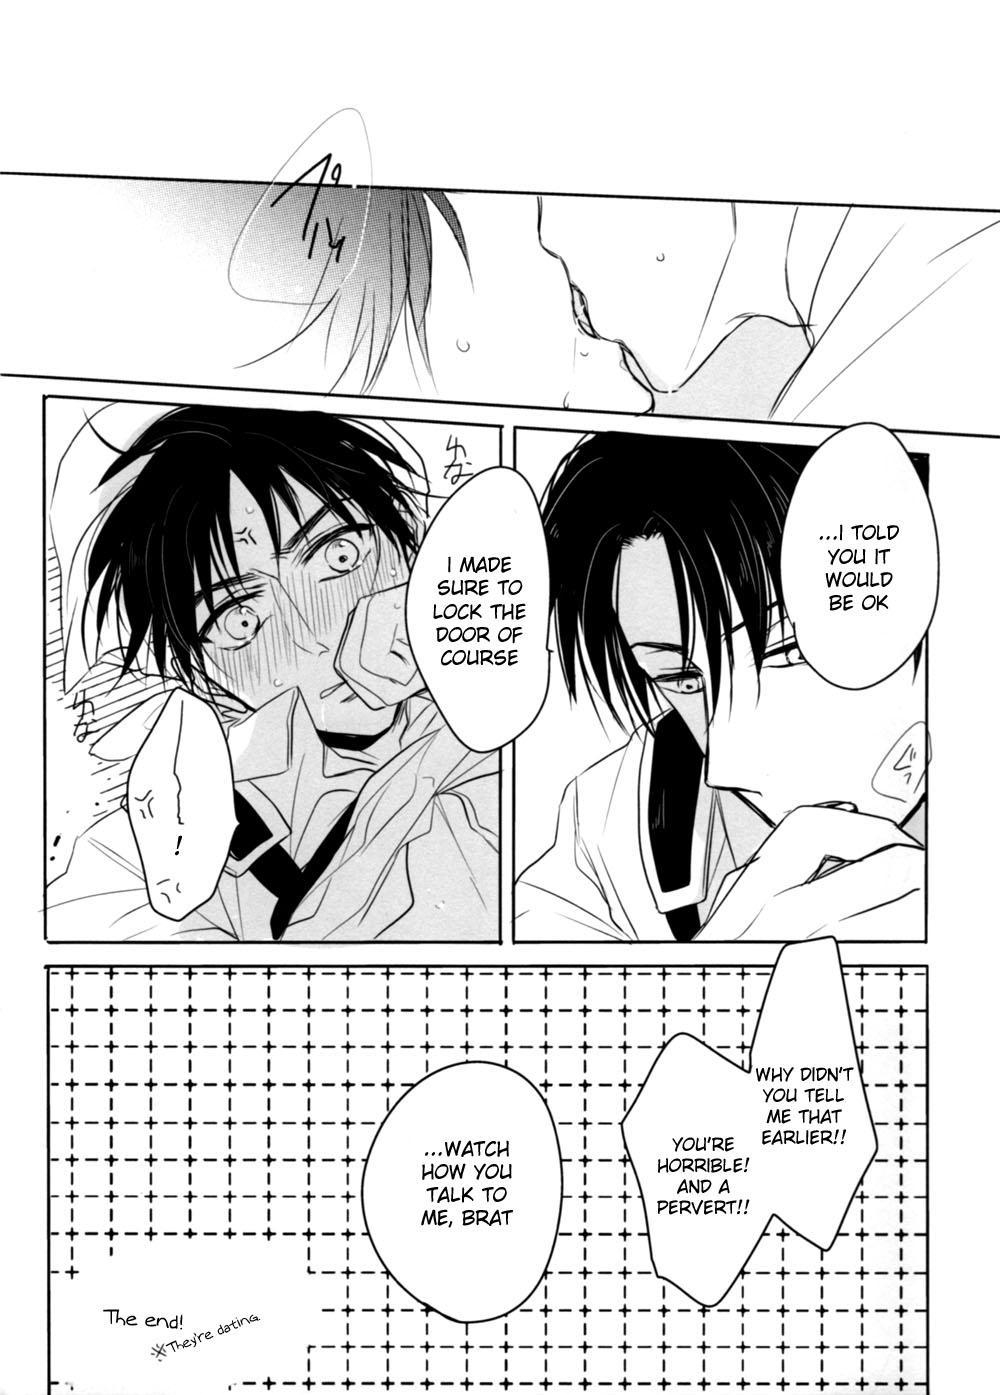 [Dictionary] O-souji Eren-kun to Levi-san (Shingeki no Kyojin) [English] (Moy Moe Scanlations) 12